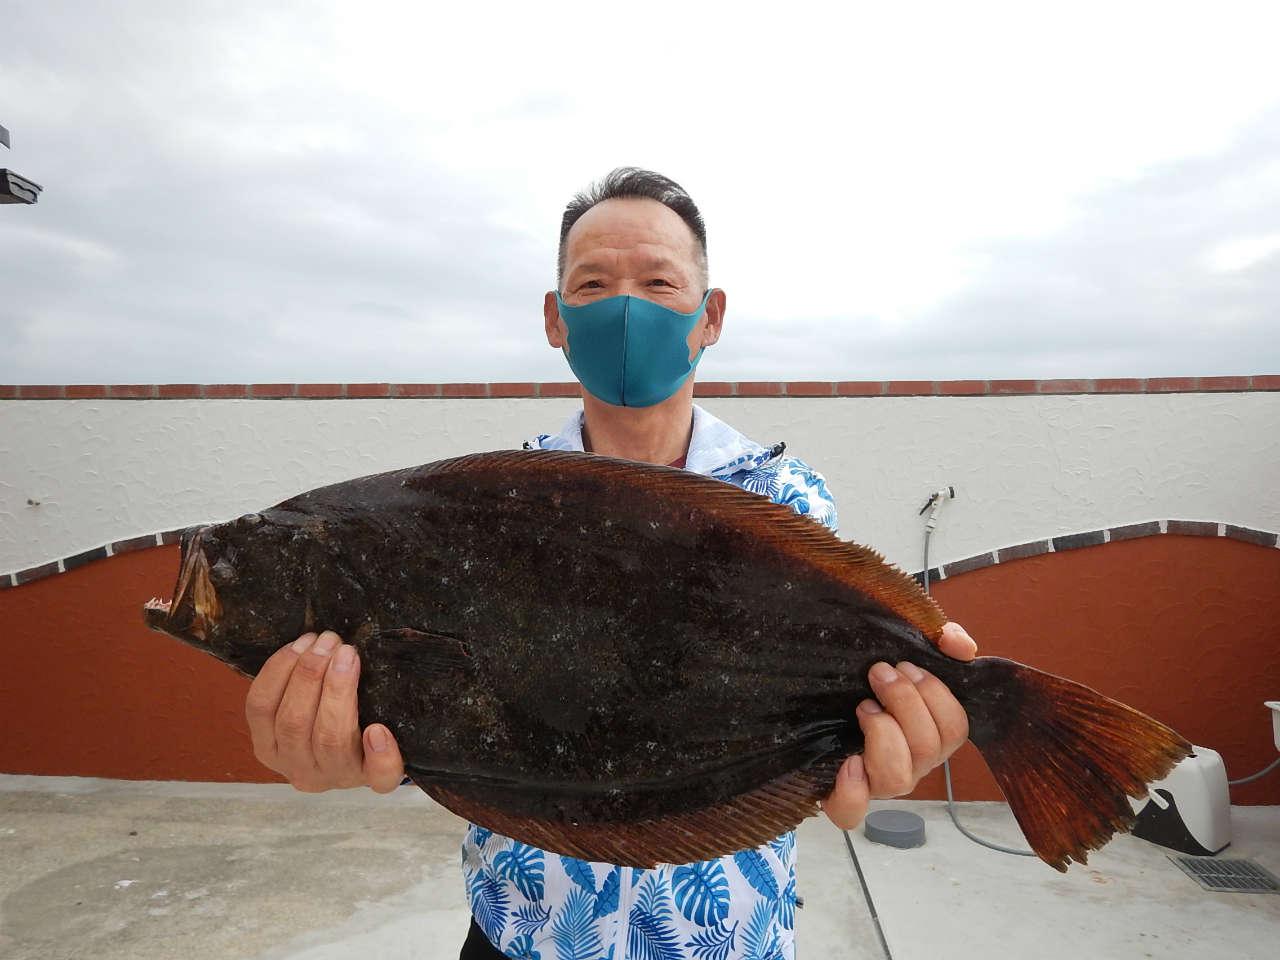 20210403 ヒラメ乱舞サメ島で56㎝ 1.75キロヒラメゲット ノッコミ メジナも 白浜渡船 沖磯情報